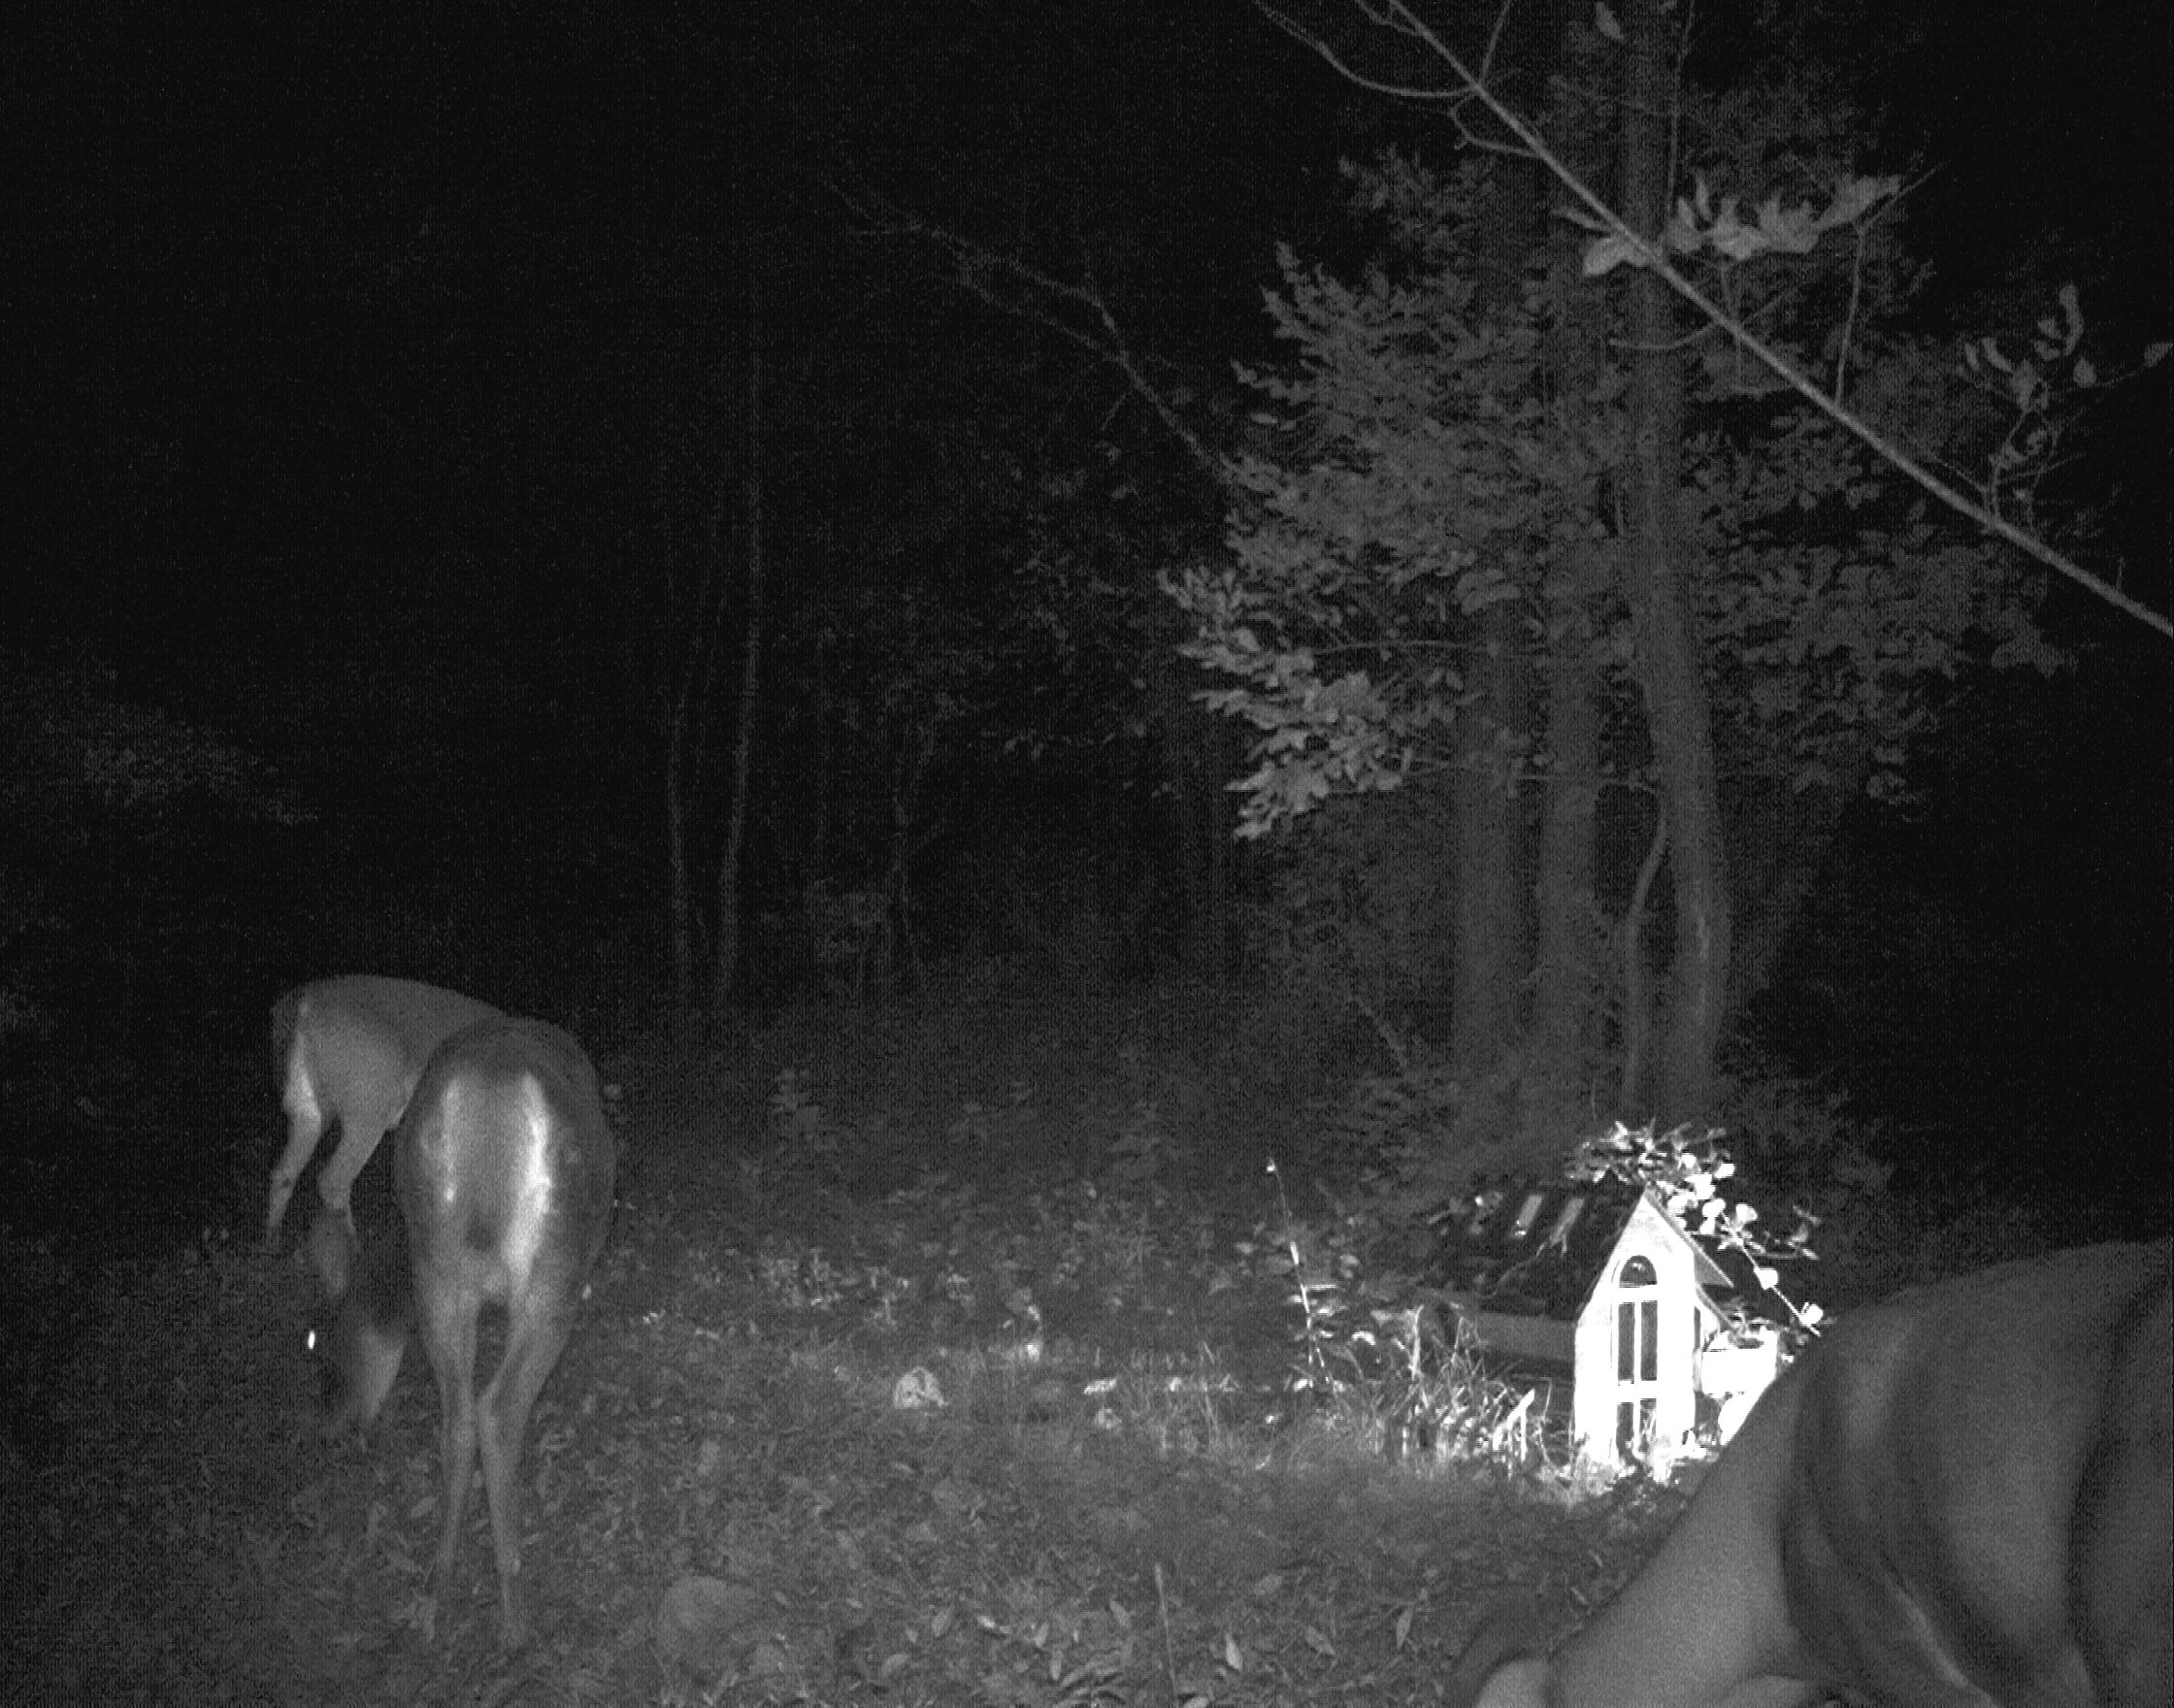 night_deer.jpg